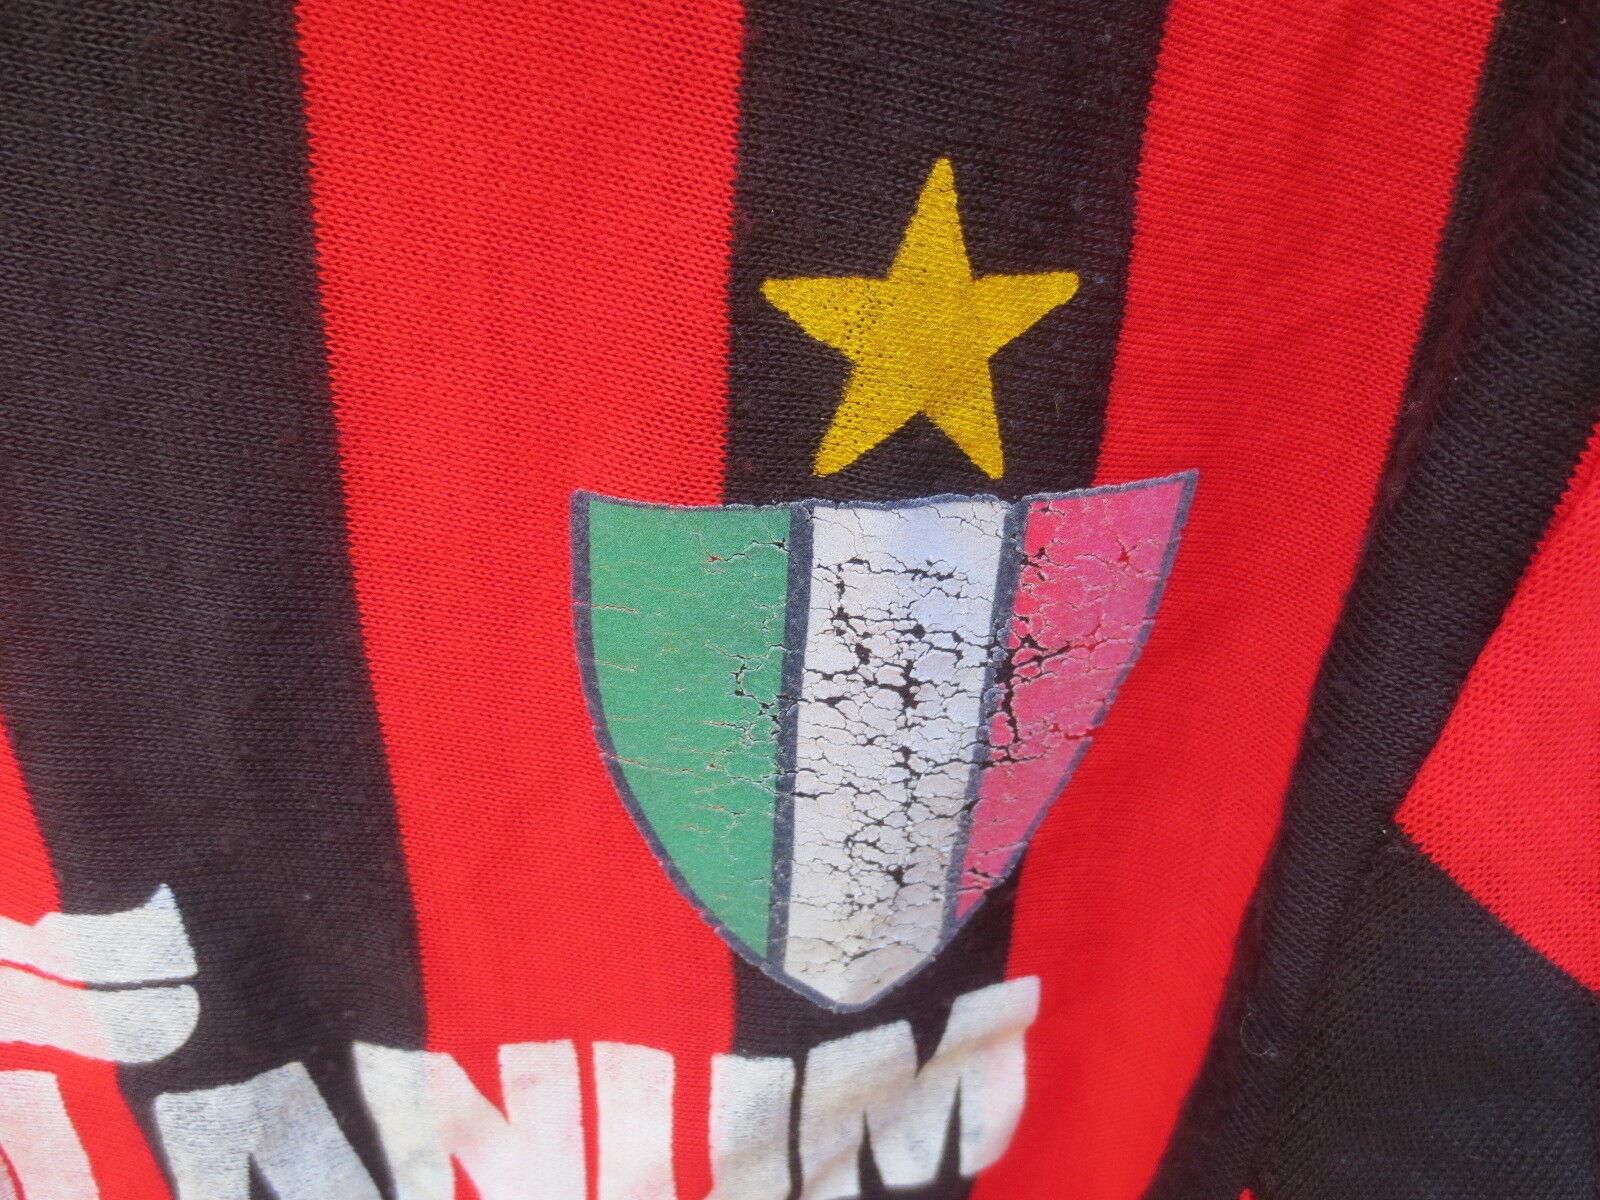 VINTAGE Maillot MILAN AC 1989 MEDIOLANUM maglia calcio football football football ancien shirt M   Di Progettazione Professionale    Shopping Online    Acquisti online  2810da